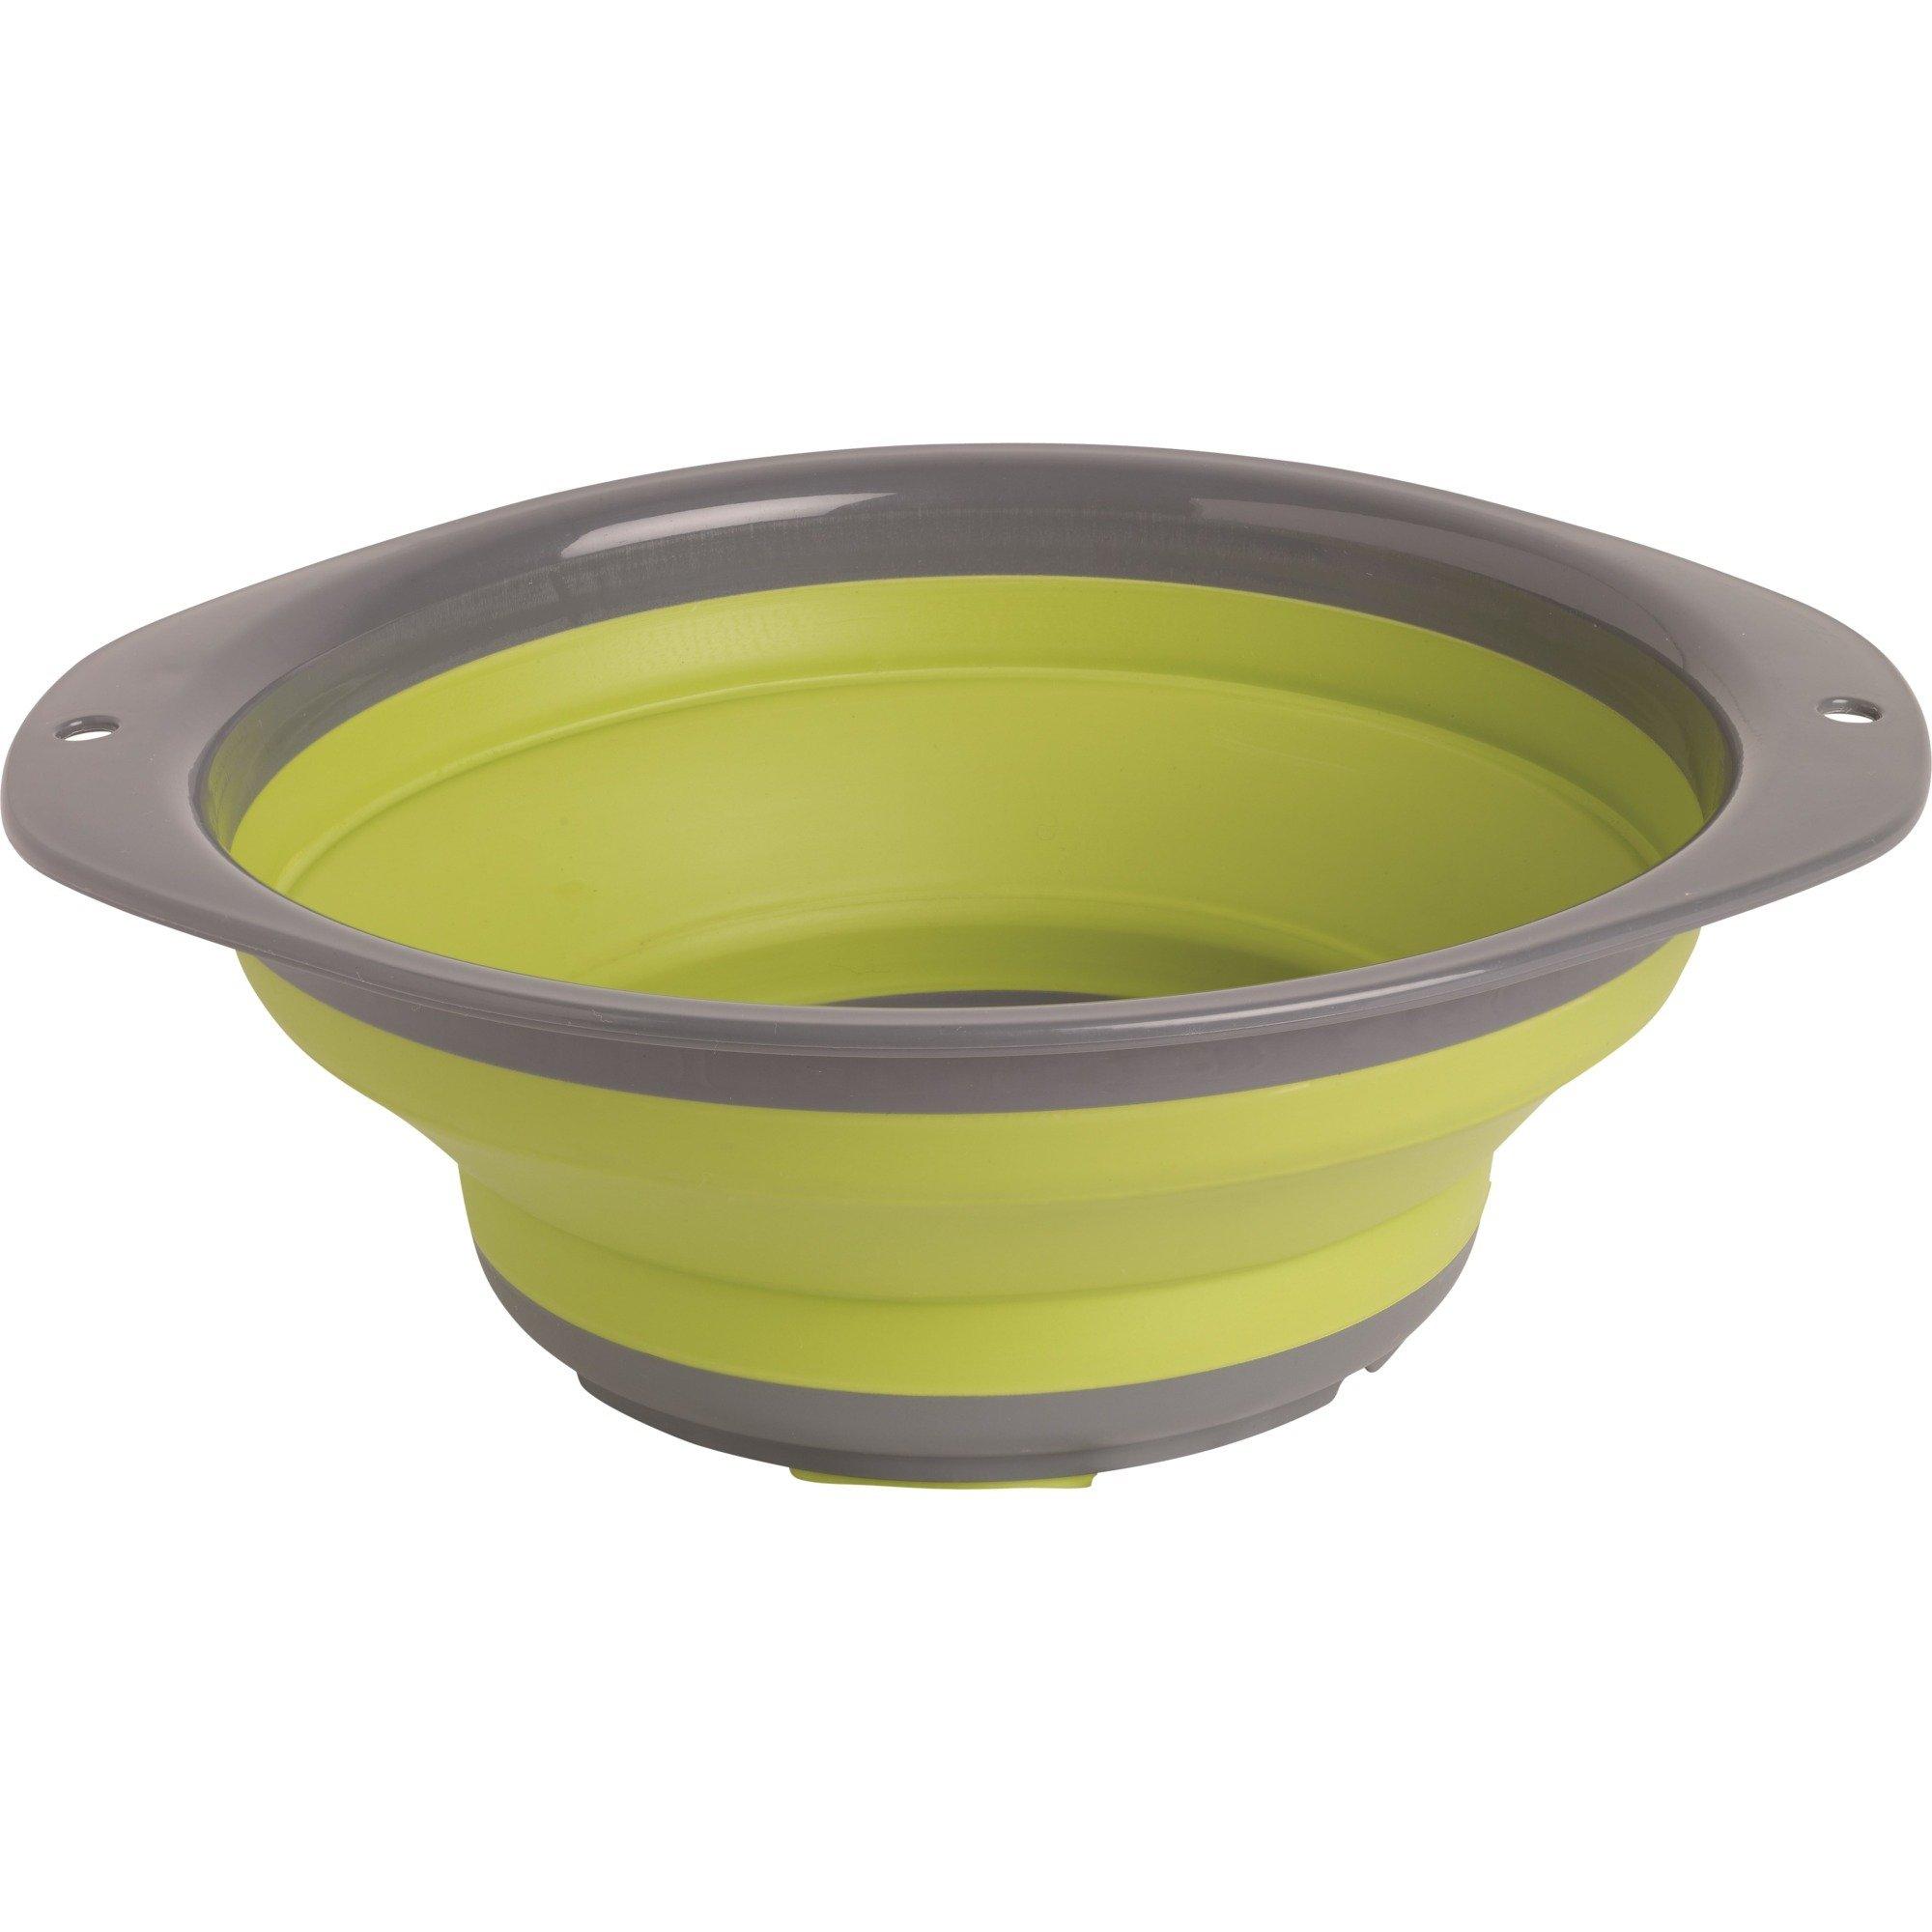 Collaps Schüssel L plato para camping Personal De plástico Plegable Alrededor 1 personas(s), Cuenco